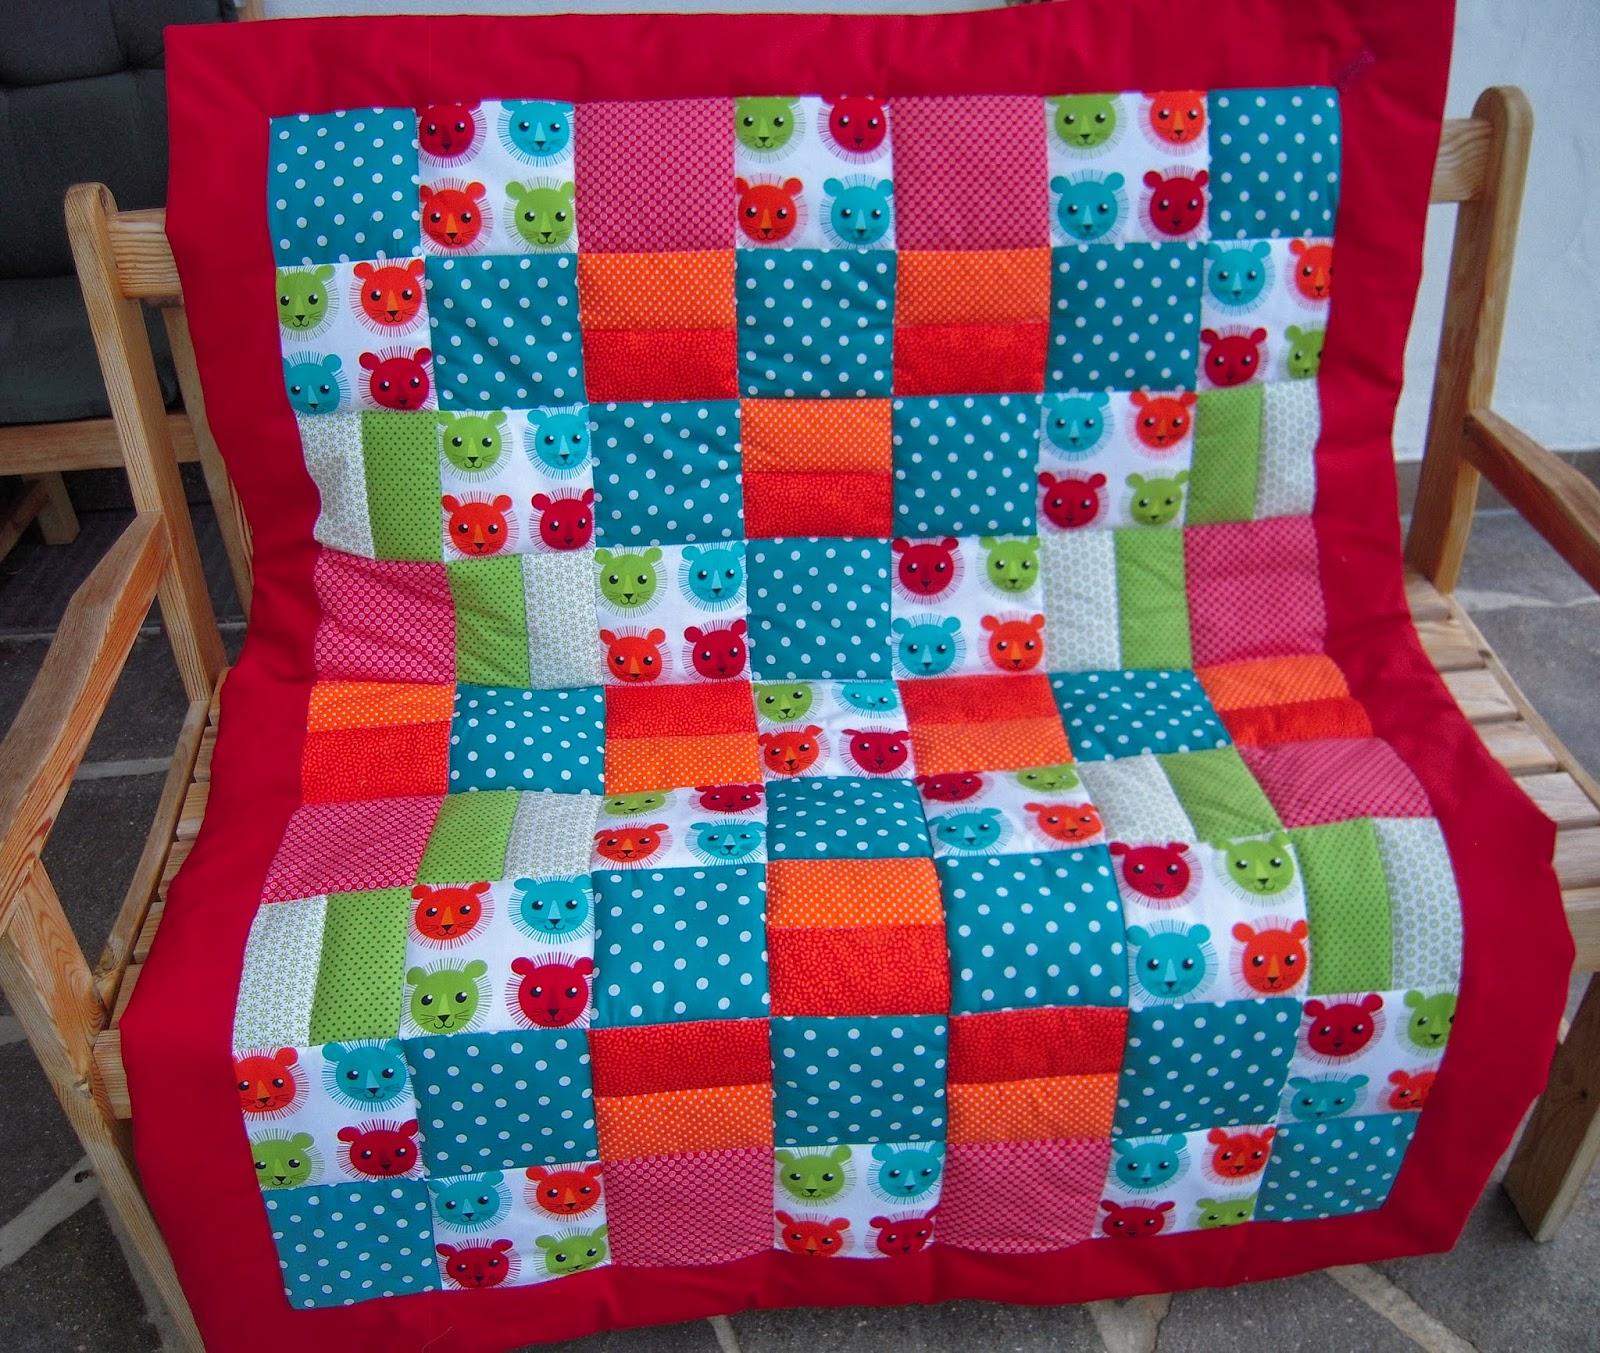 d 39 inge patchwork babydecke l wen. Black Bedroom Furniture Sets. Home Design Ideas